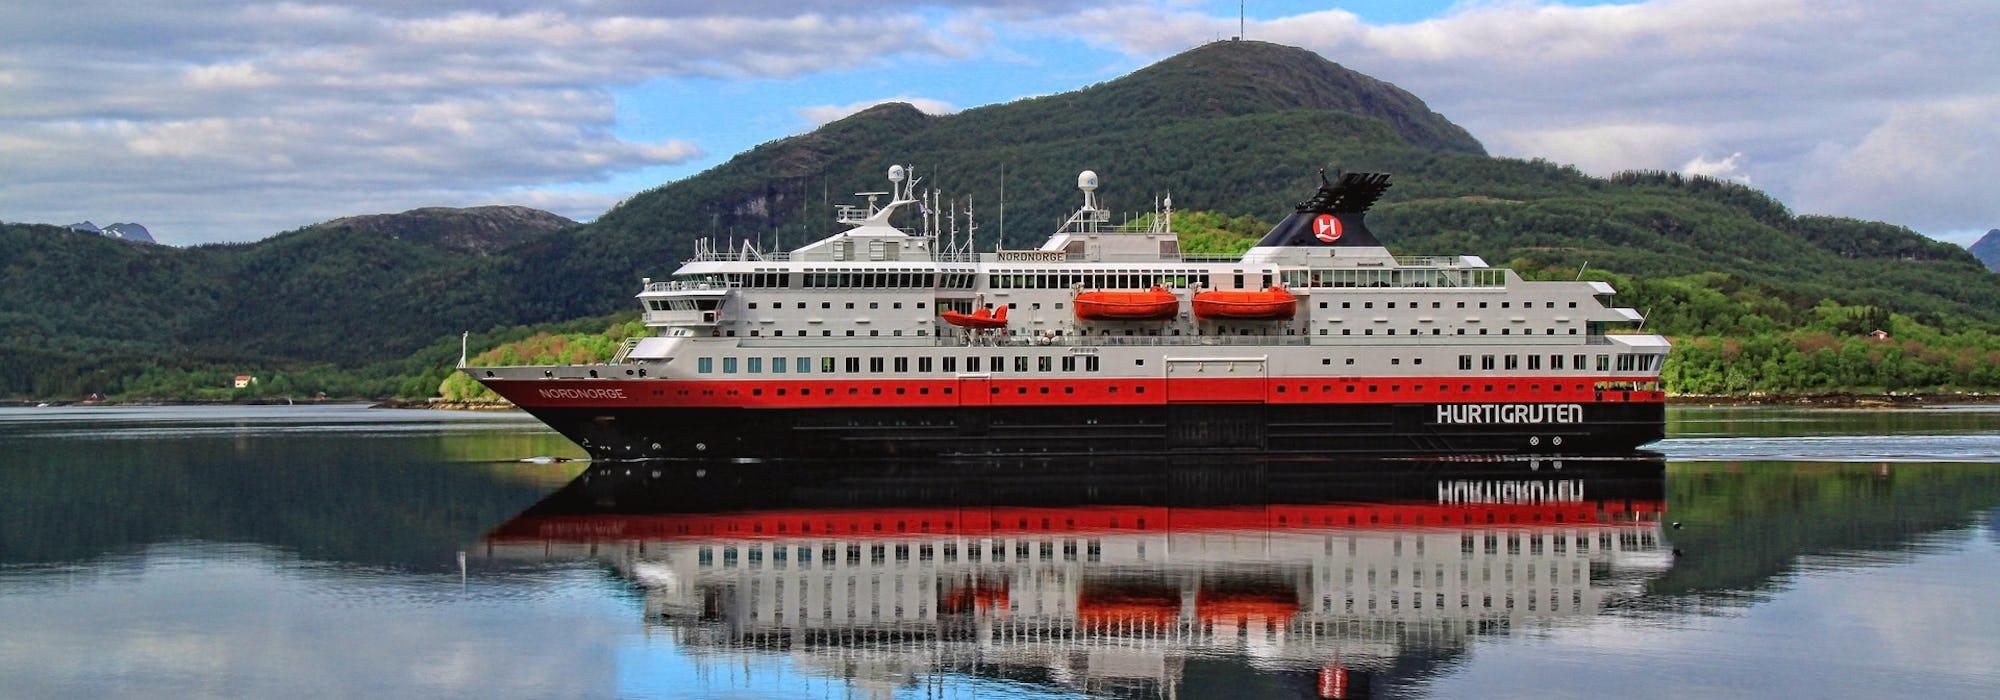 Bild från sidan på Hurtigrutens fartyg Ms Nordnorge som stilla glider fram i vattnet med gröna berg i bakgrunden.